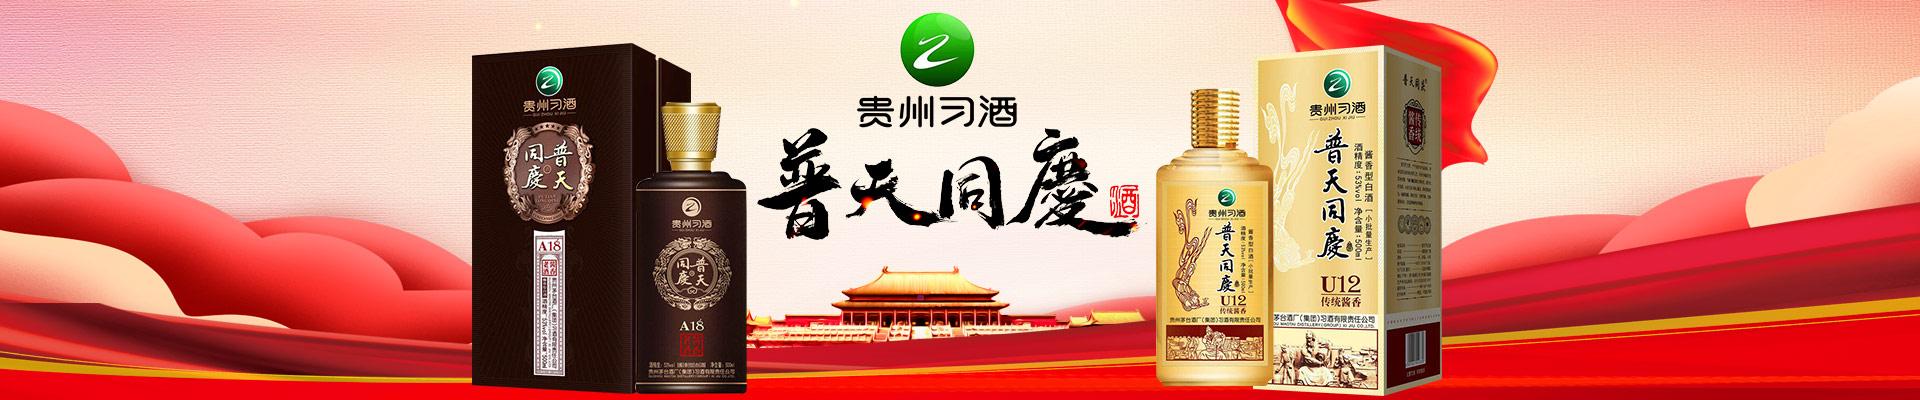 贵州茅台酒厂(集团)习酒有限责任公司普天同庆系列